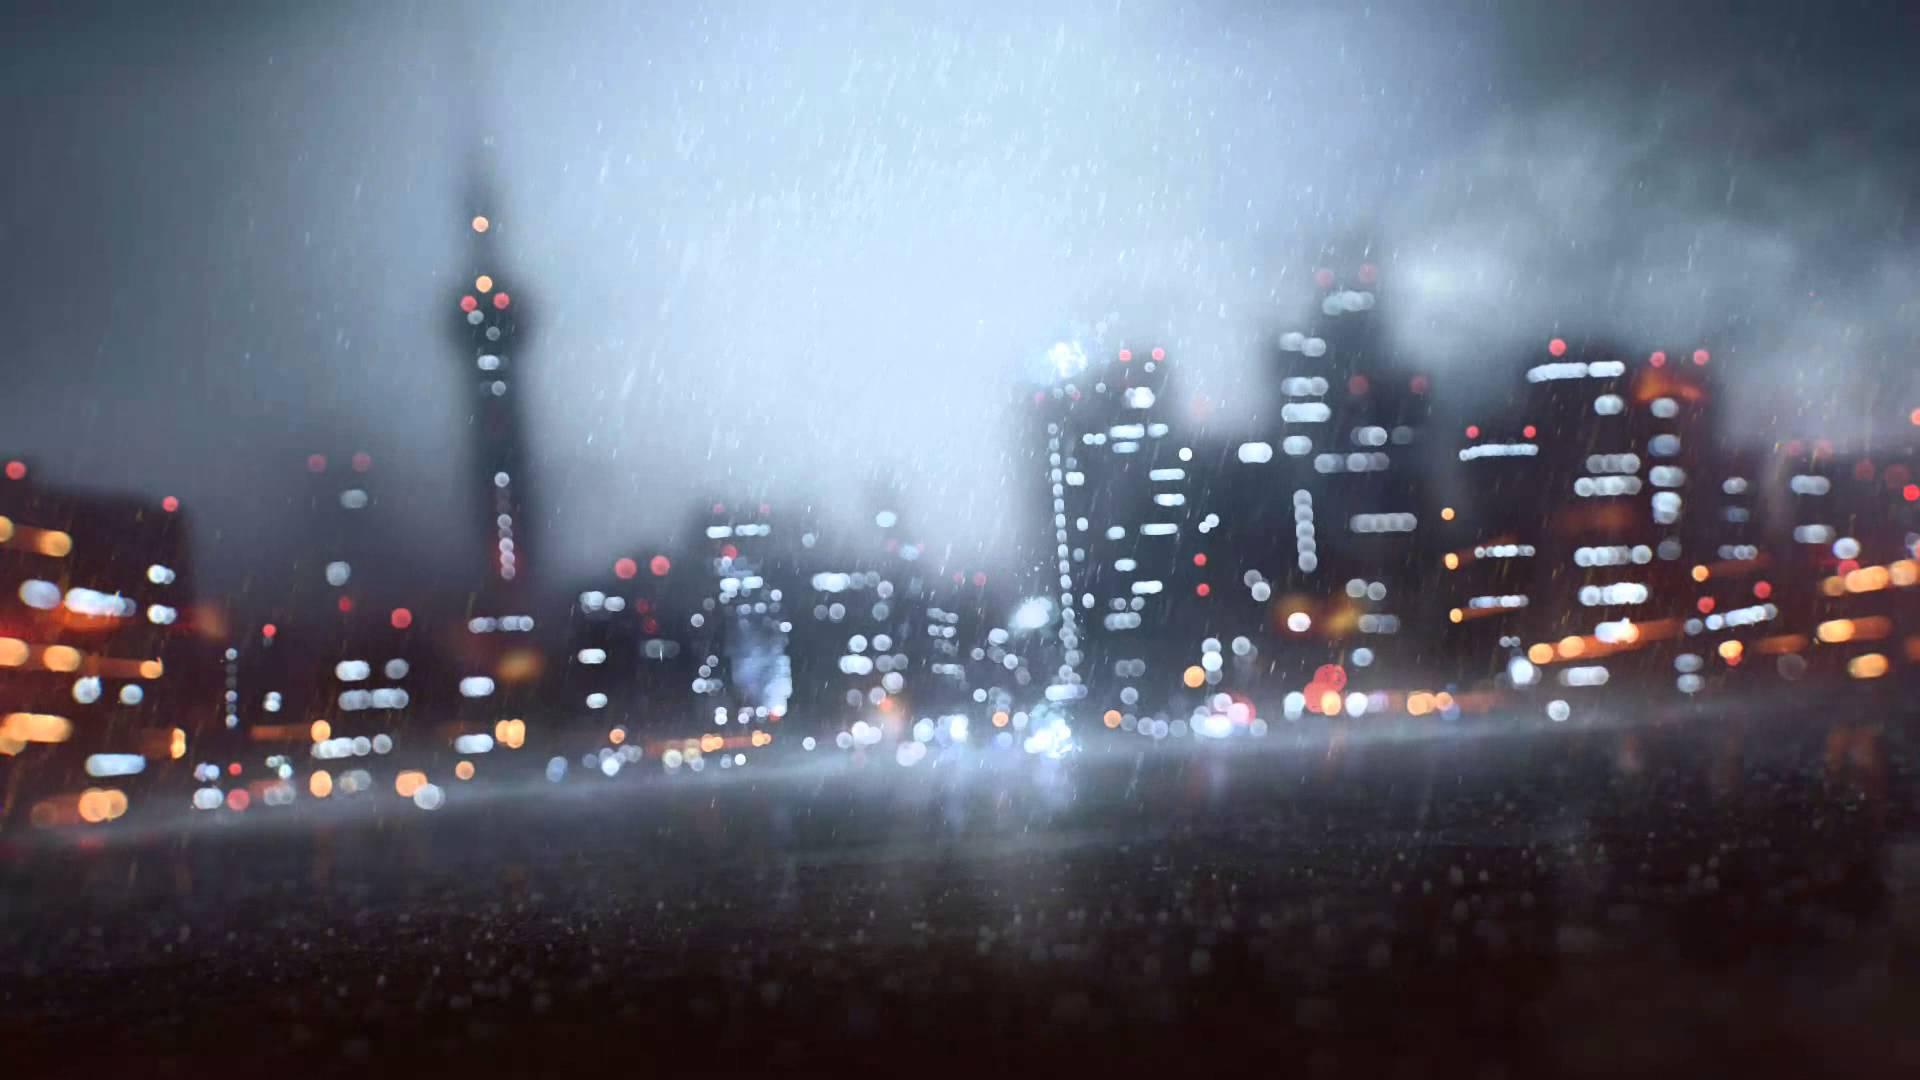 1920x1080 Battlefield 4 Video Wallpaper DreamScene - YouTube